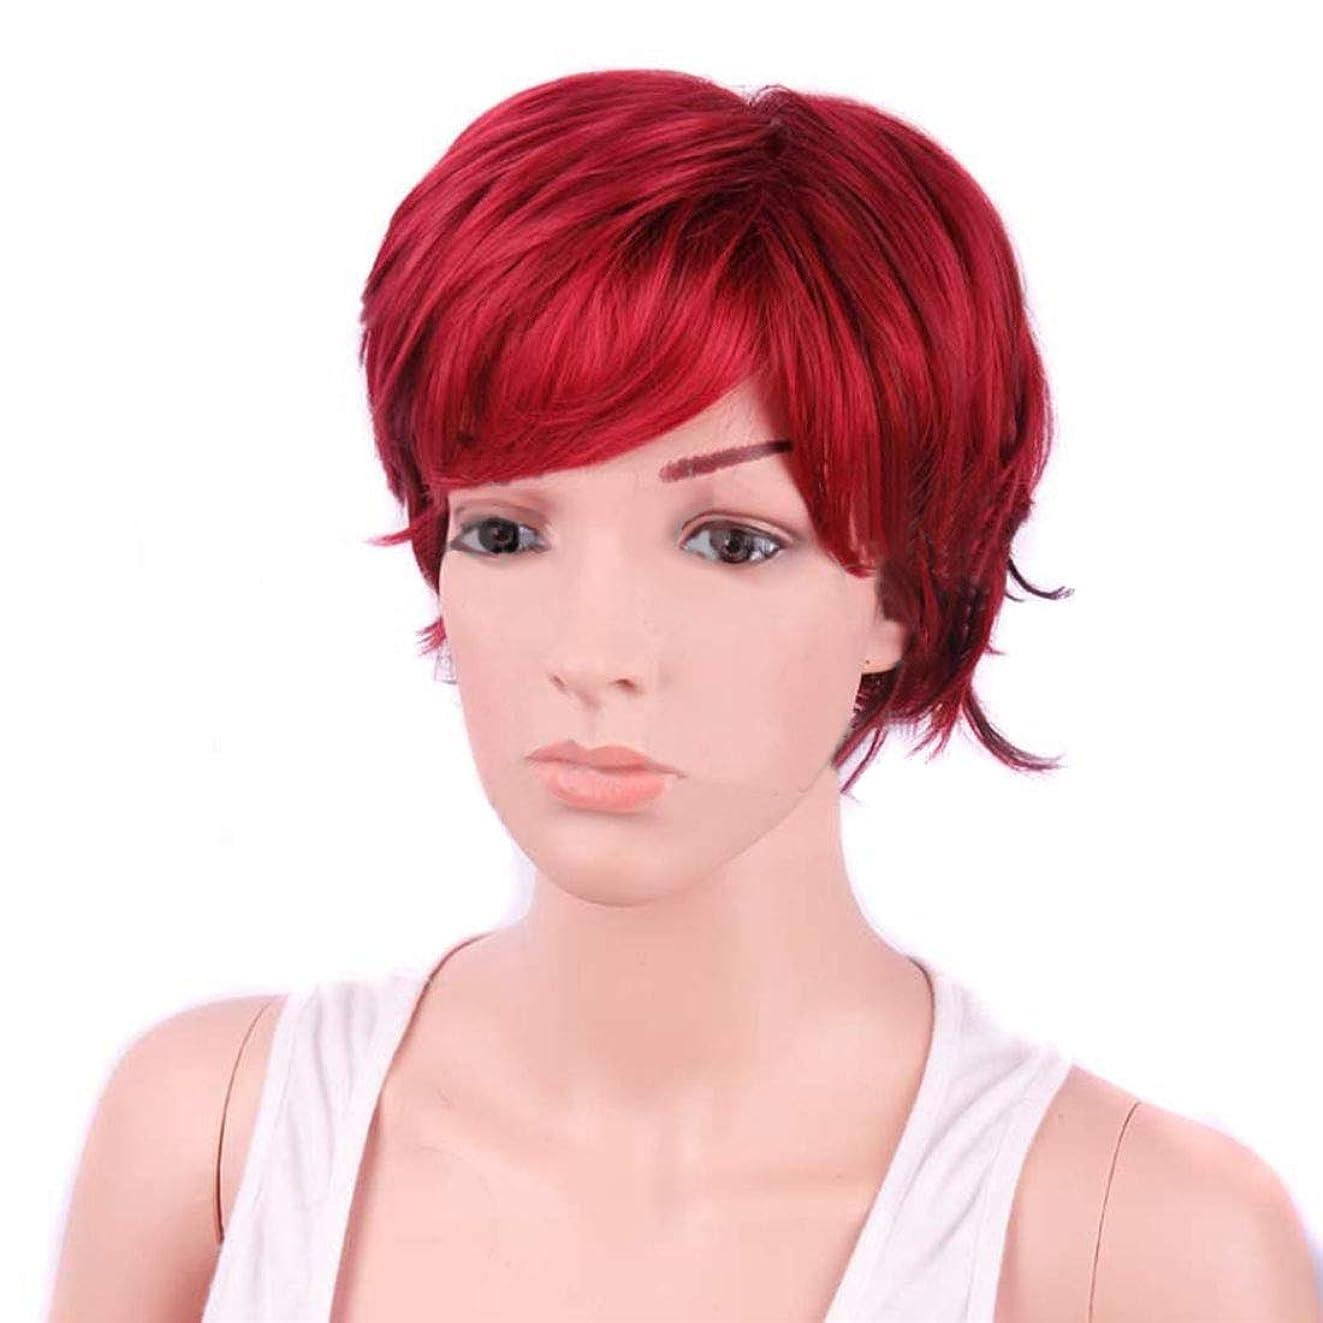 ピジン救出ペインKoloeplf 女性のためのボボのかつら耐熱ウィッグ12inch / 9inchの短いテクスチャ部分的な斜めのBangsウィッグと部分的なウィッグ (Color : Wine red)